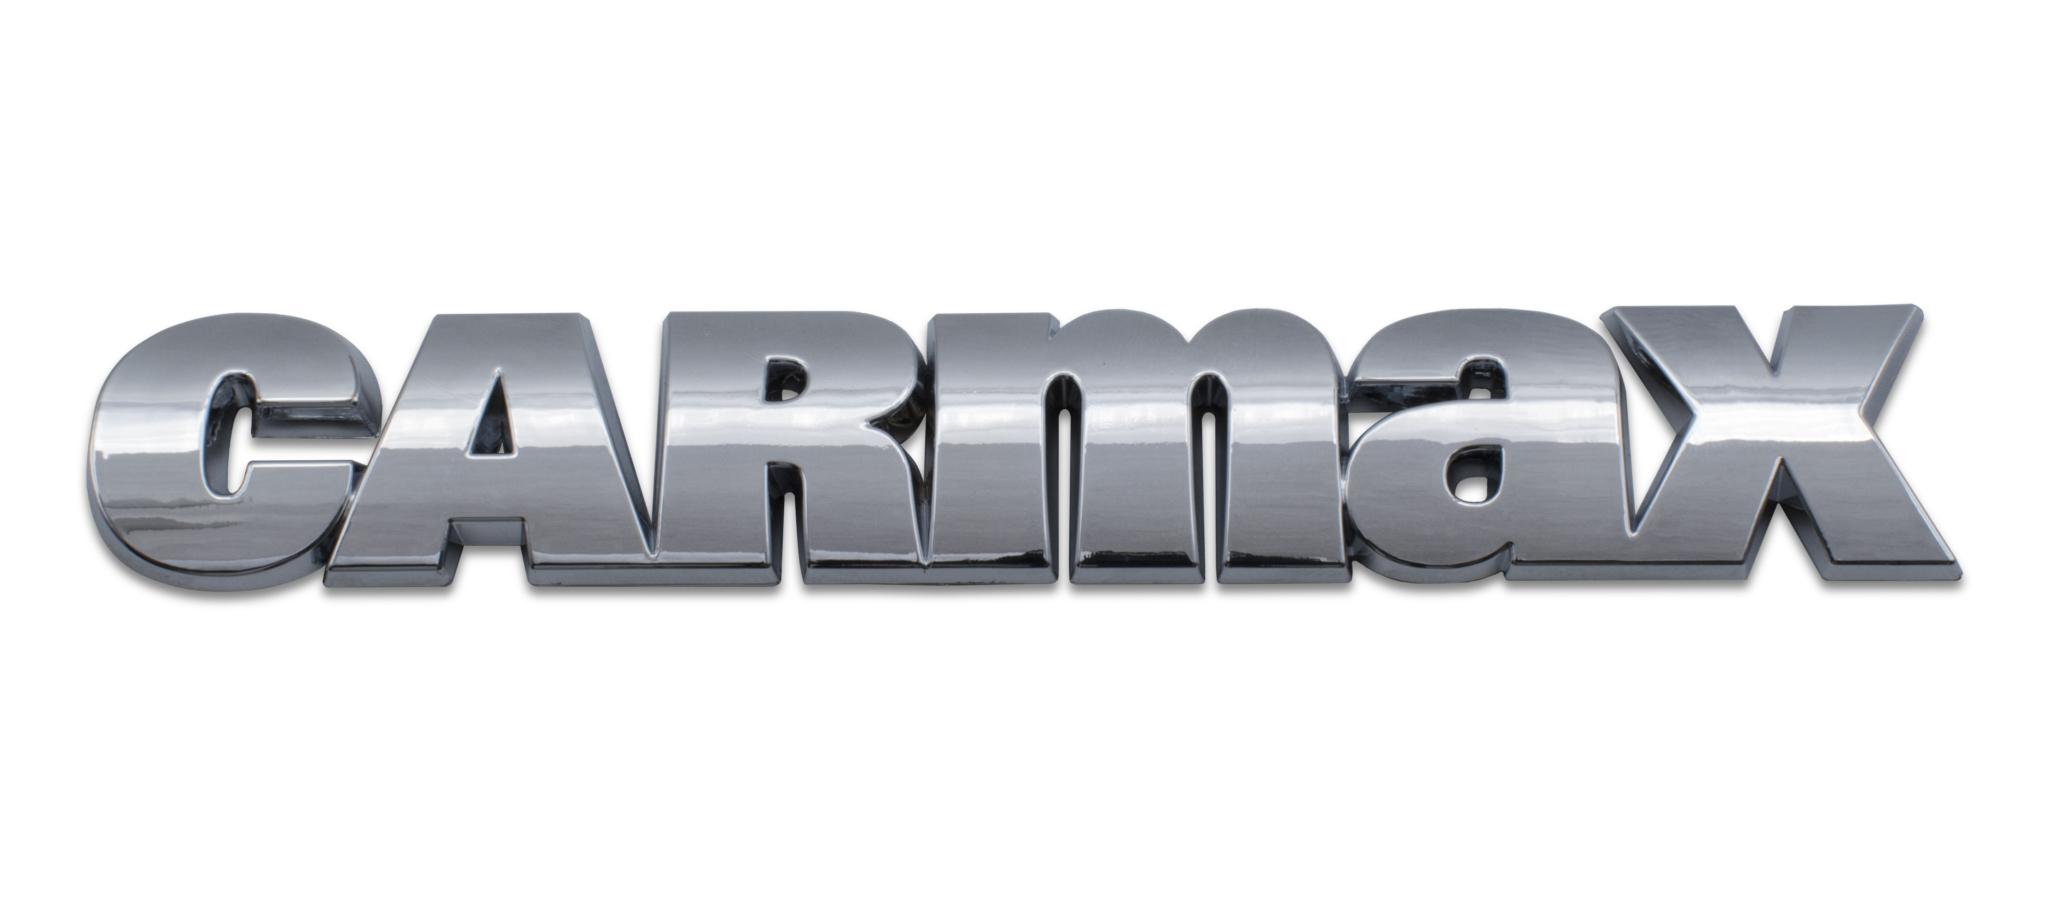 Should Your Dealership Get Chrome Emblems of its Logo? image